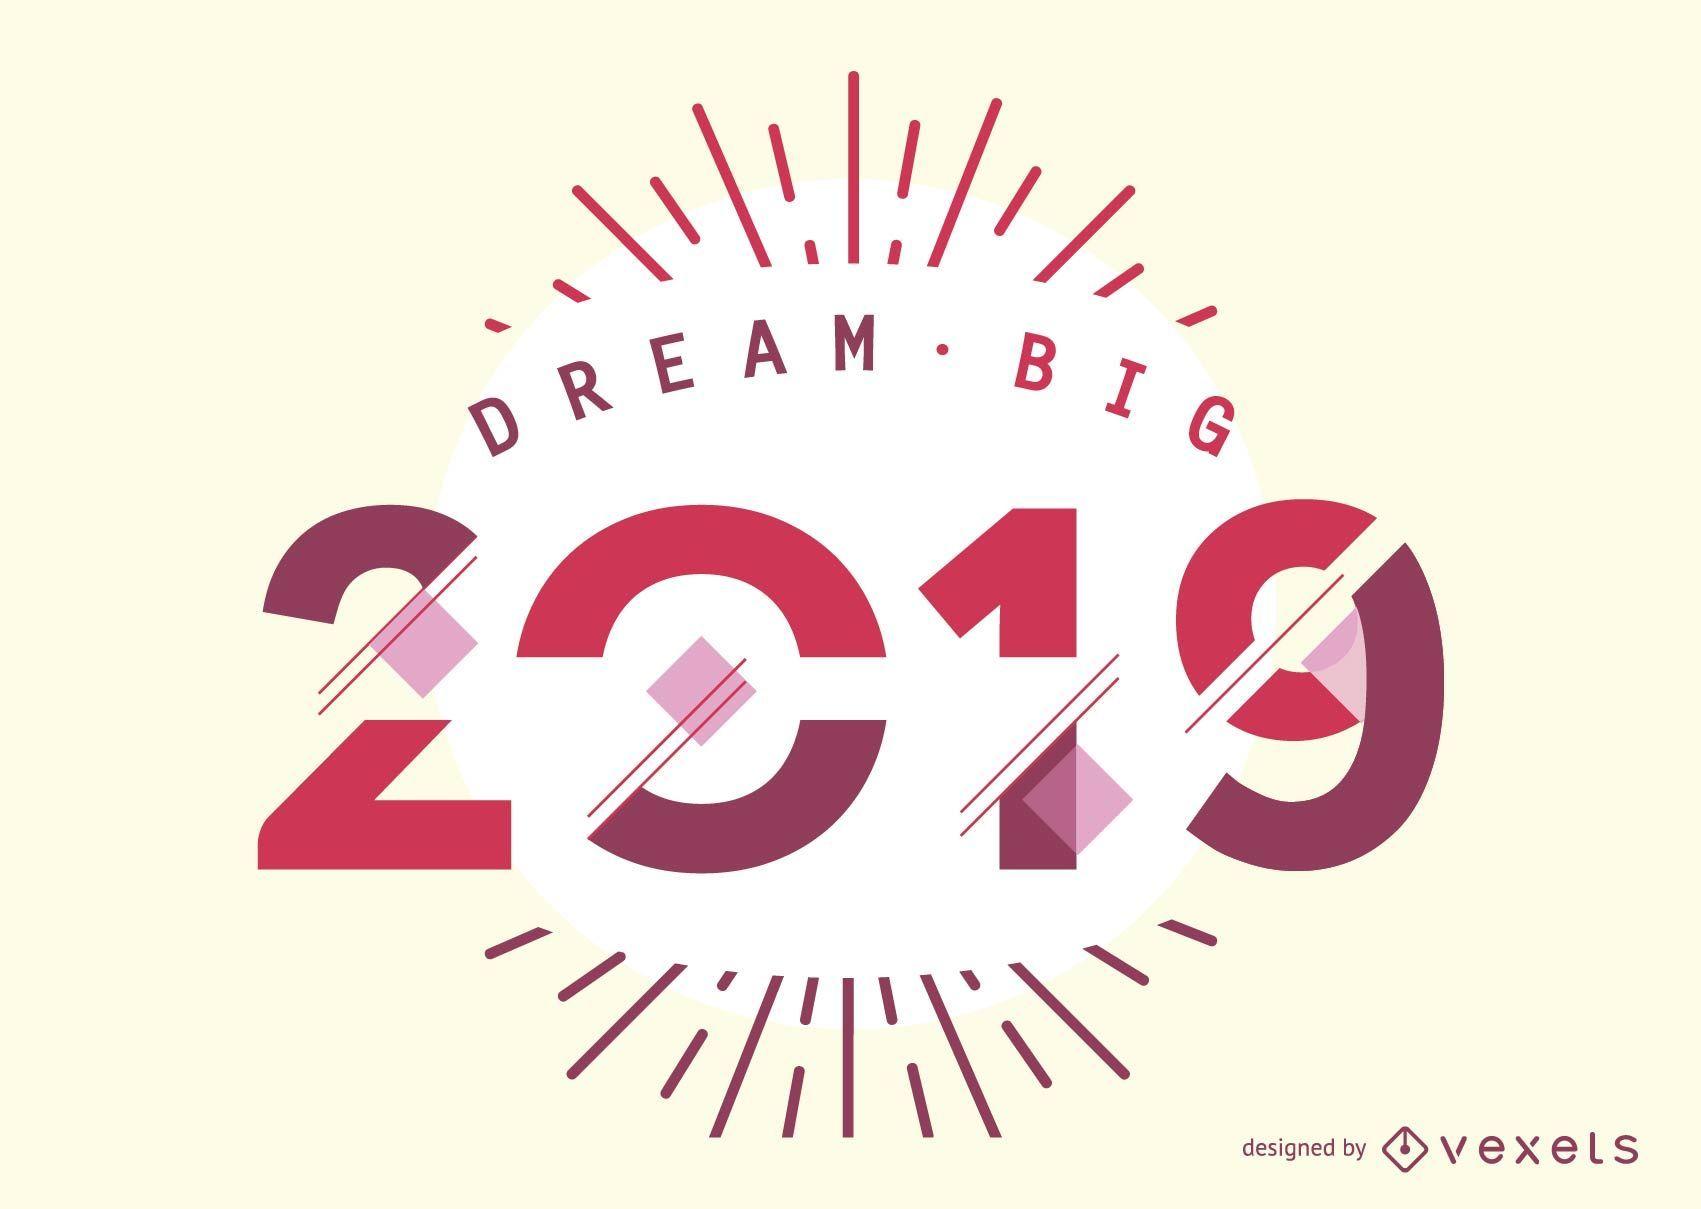 2019 dream big design